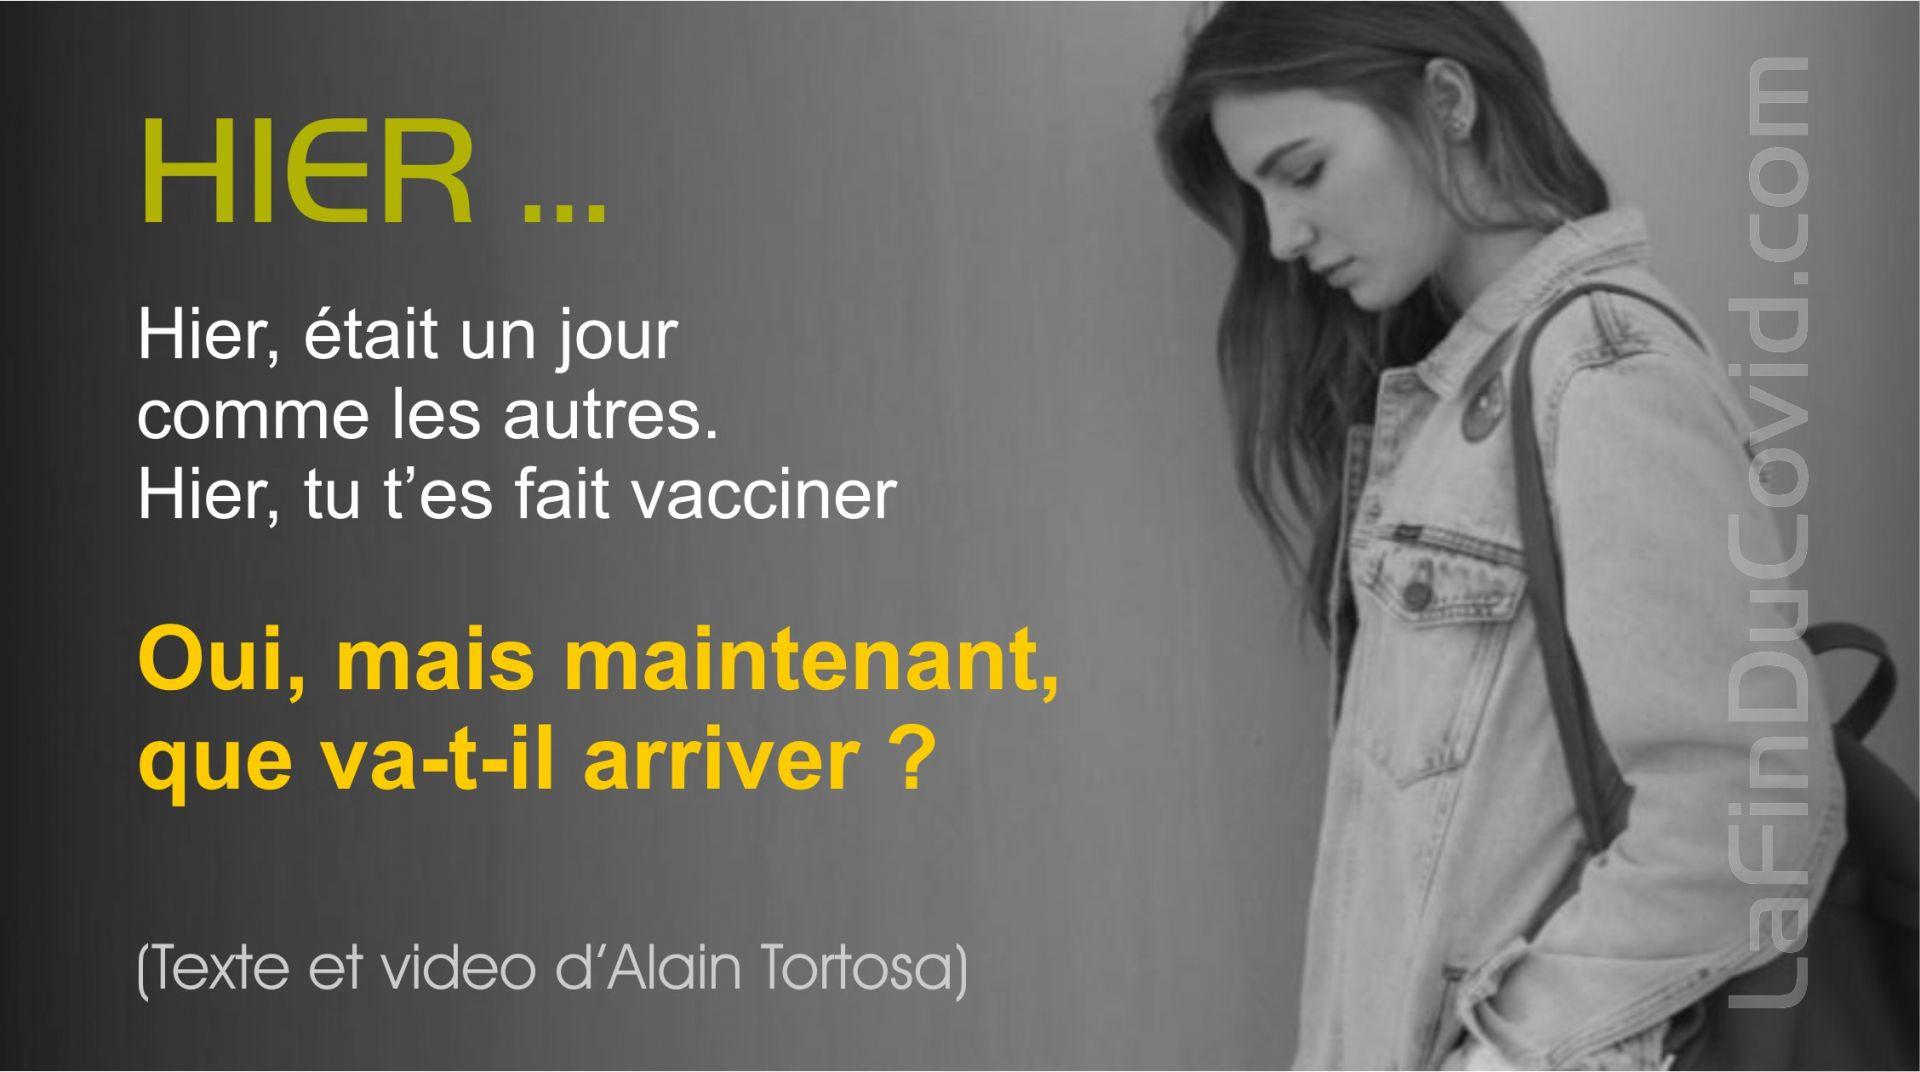 Hier était un jour « comme les autres »... hier tu t'es « vacciné » ! (Texte Alain Tortosa)